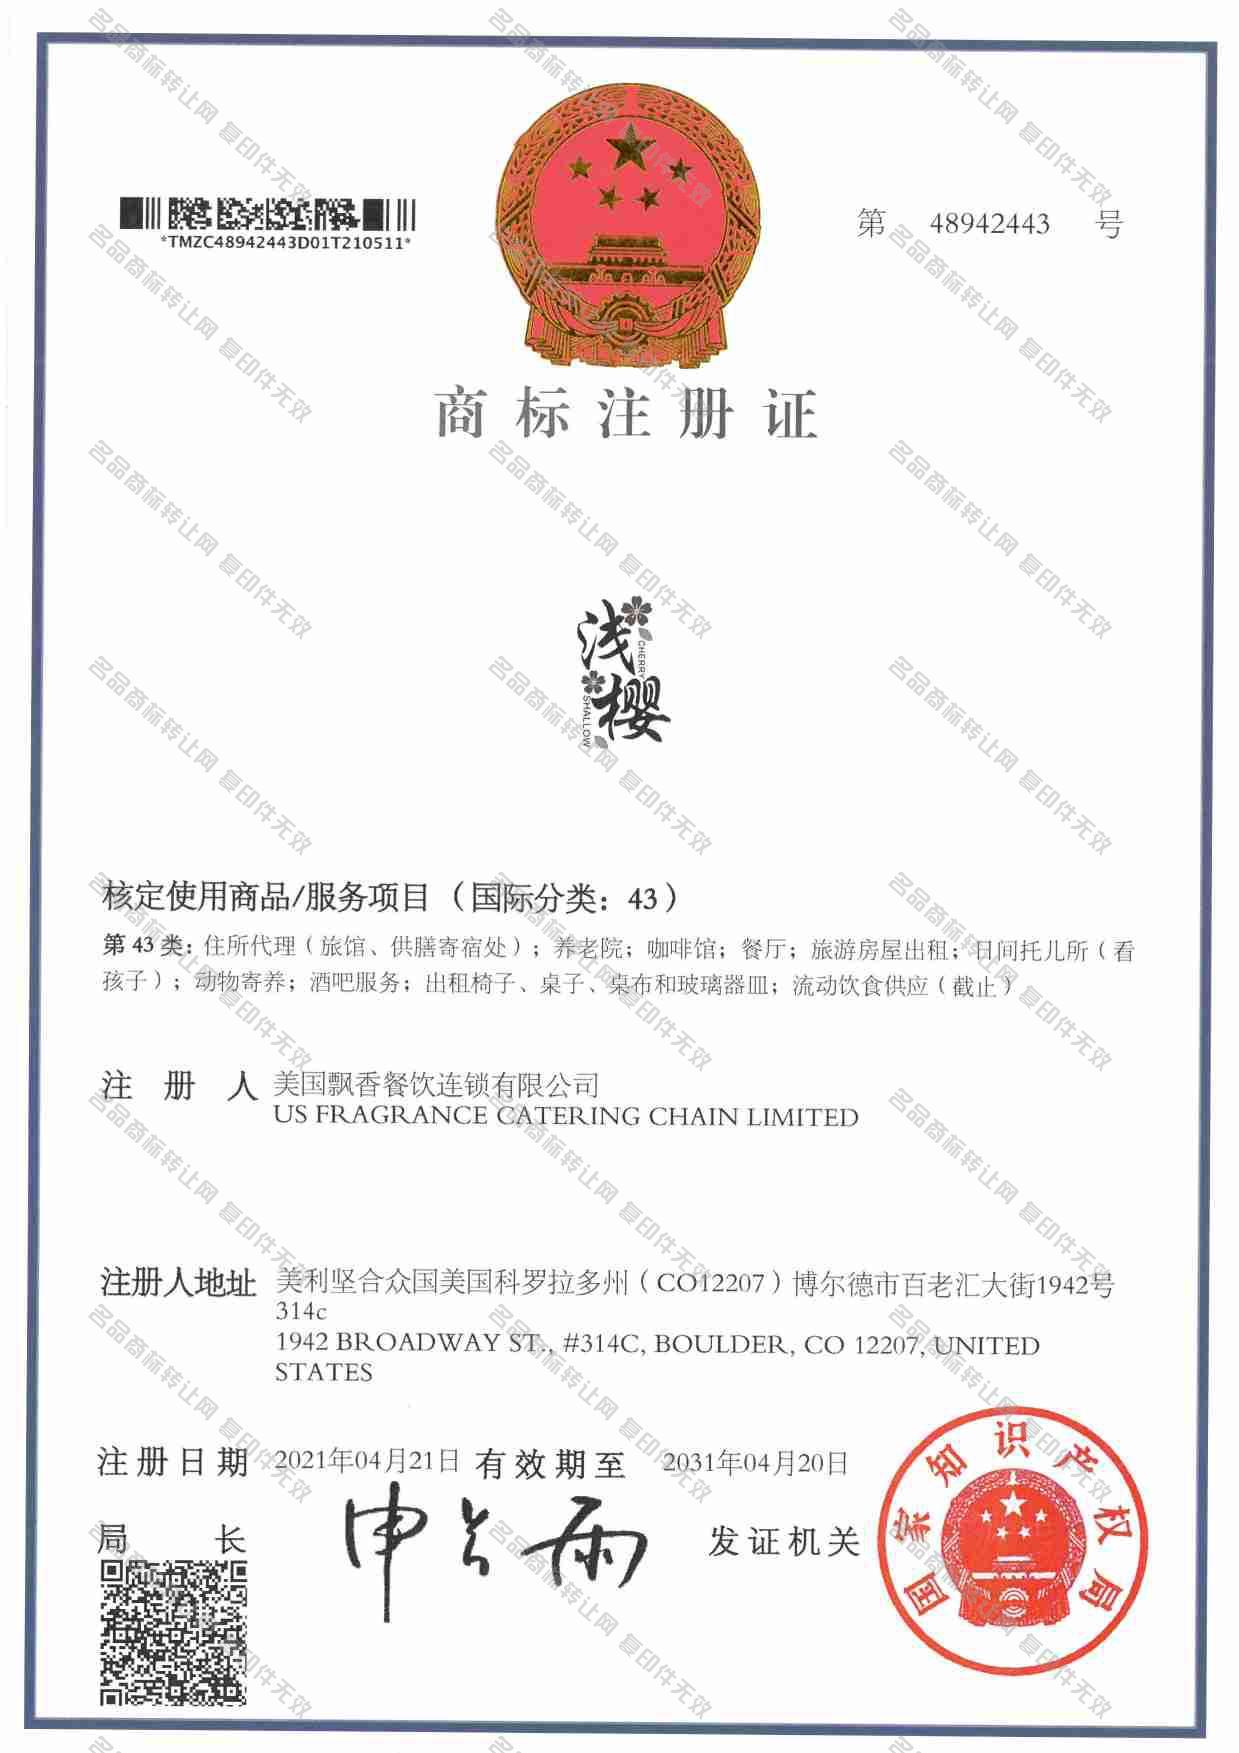 浅樱 SHALLOW CHERRY注册证